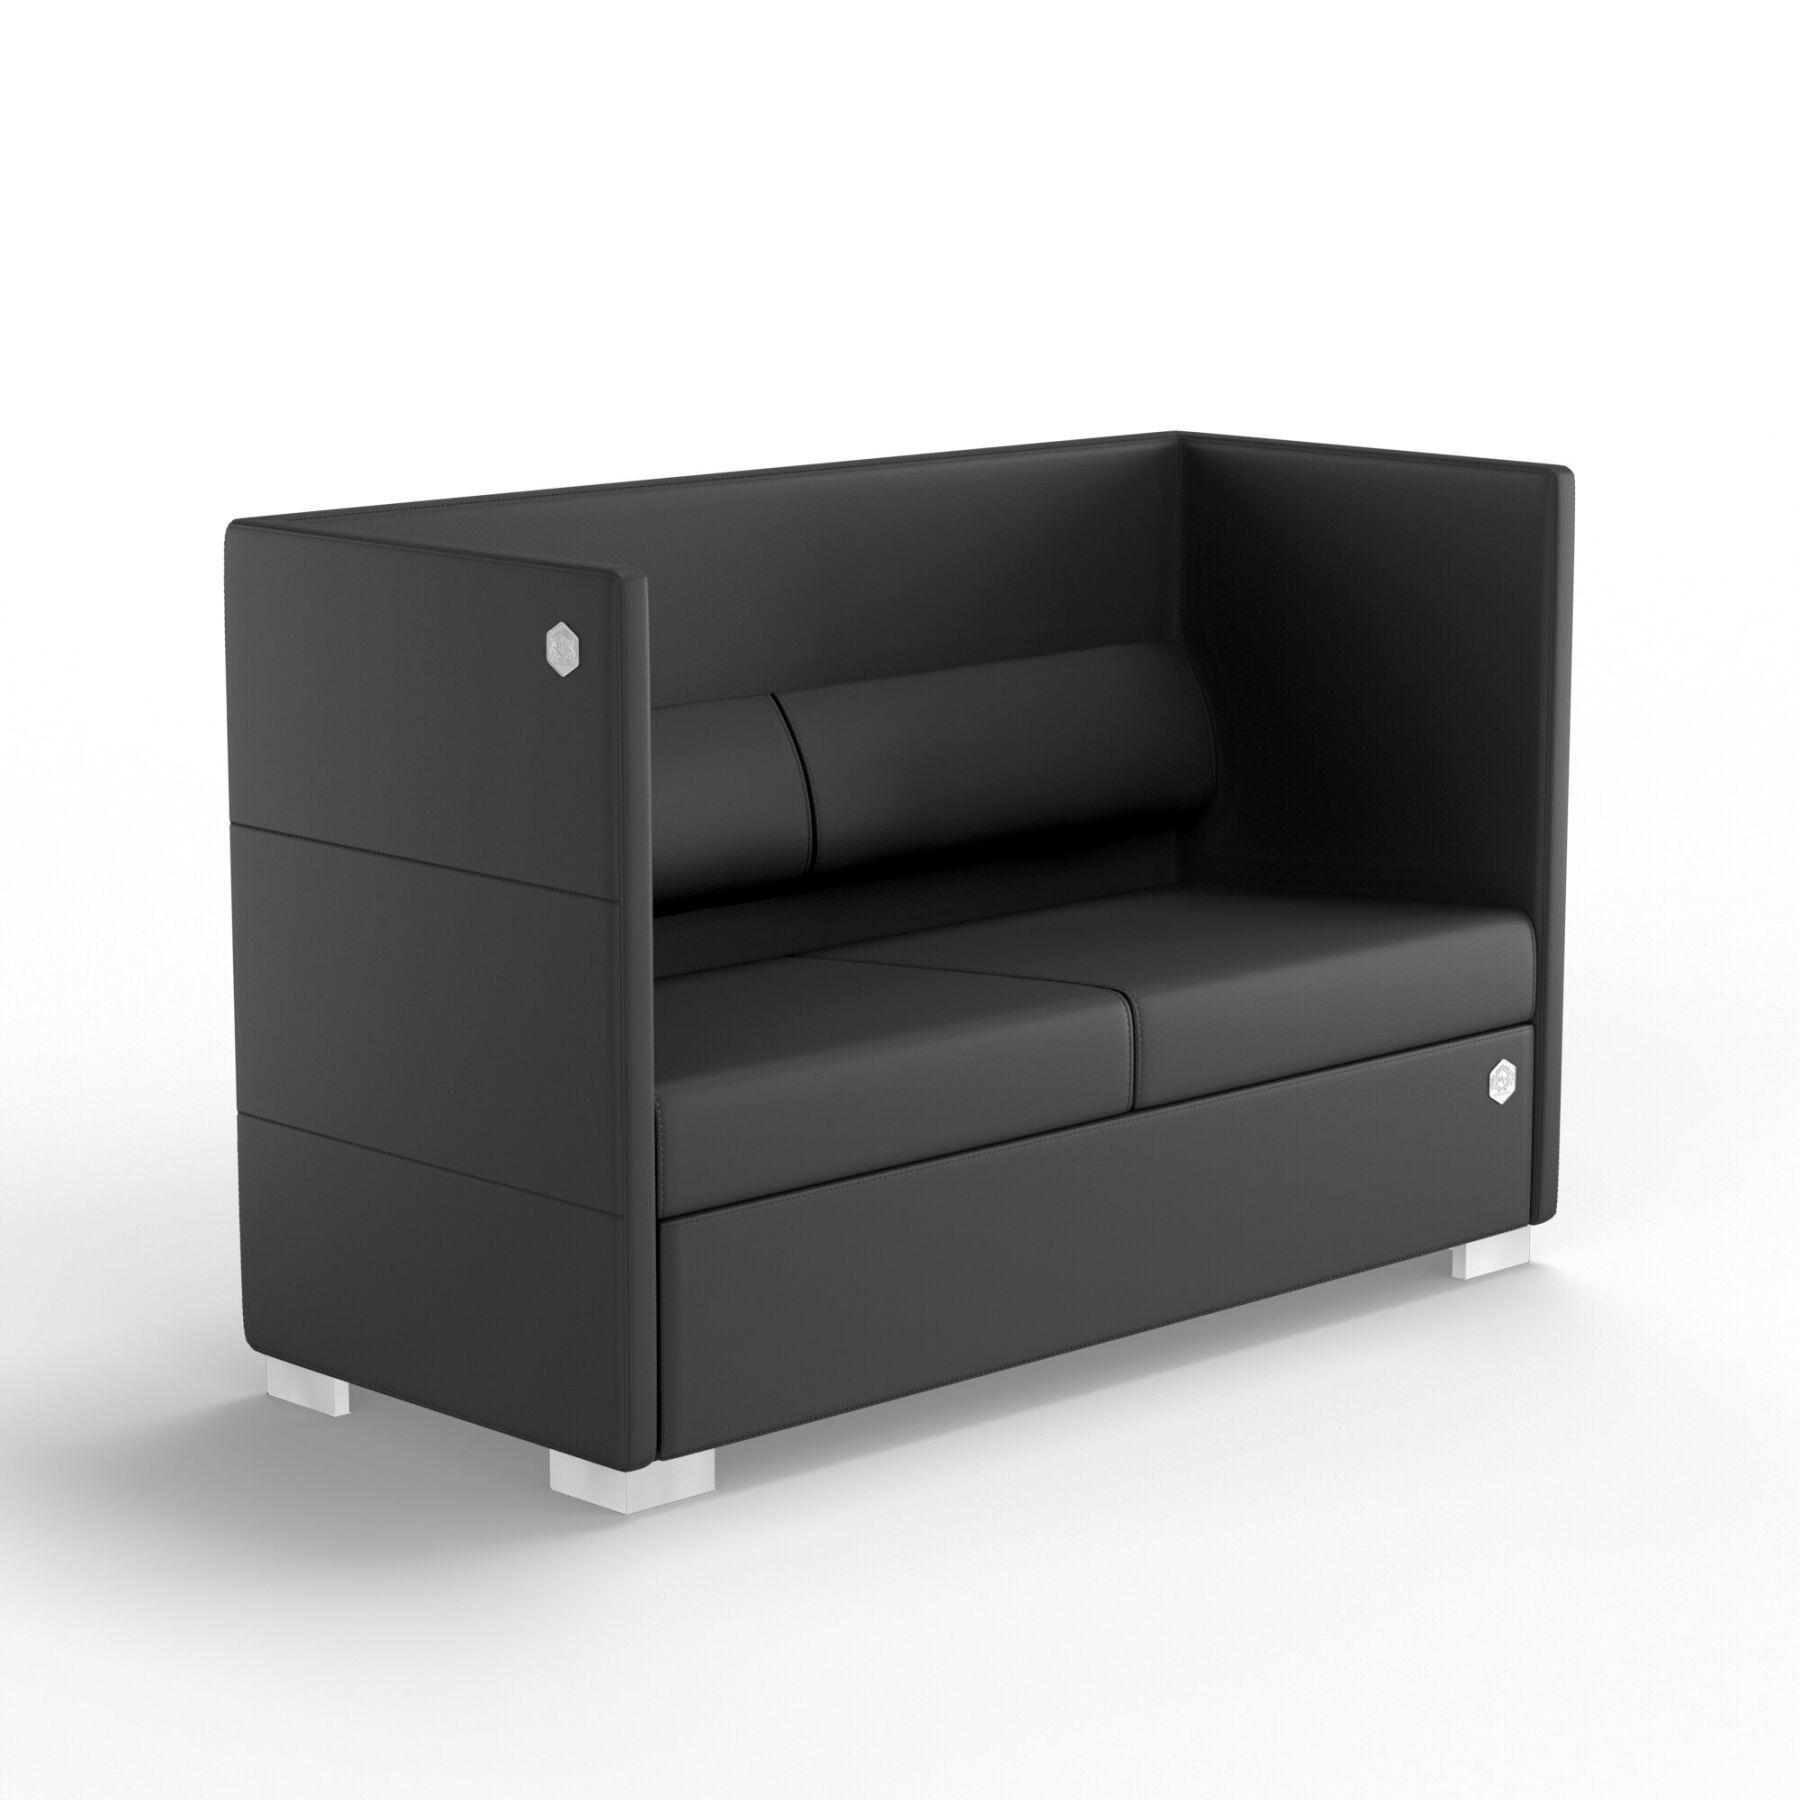 Двухместный диван KULIK SYSTEM CONFERENCE Экокожа 2